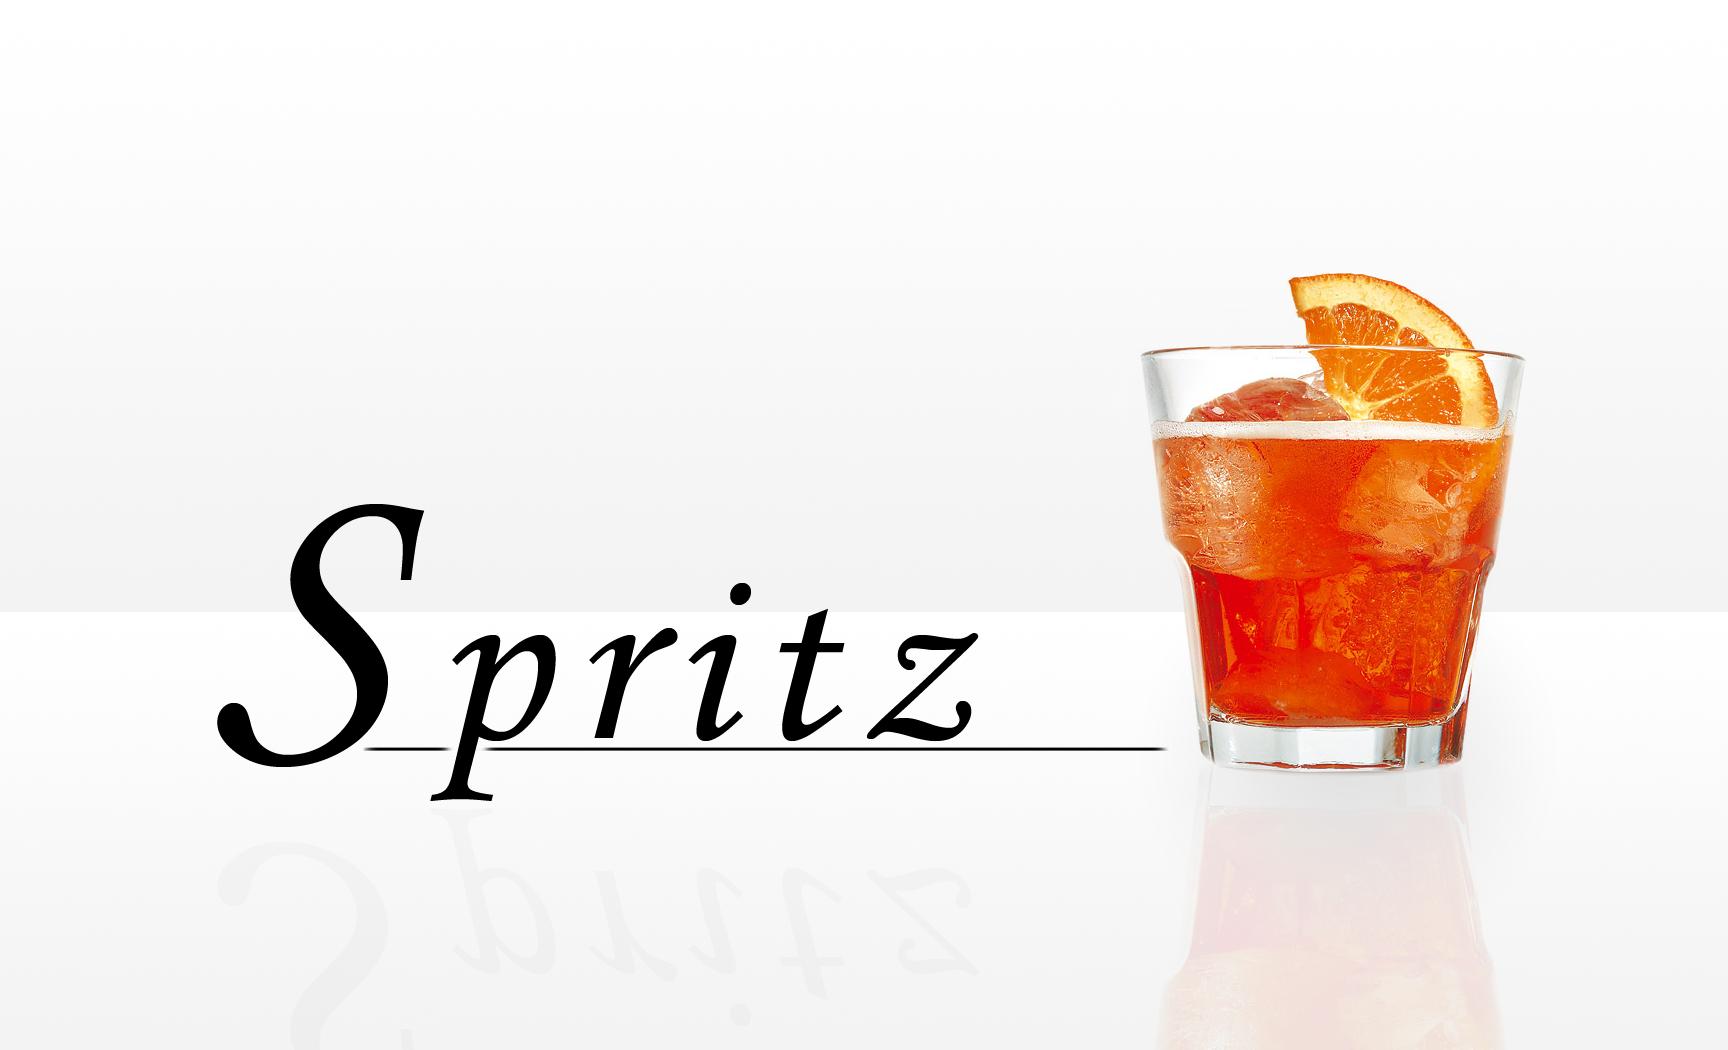 spritz i grissini spritz spritz 2 aperitiviamo euh a spritz is a ...